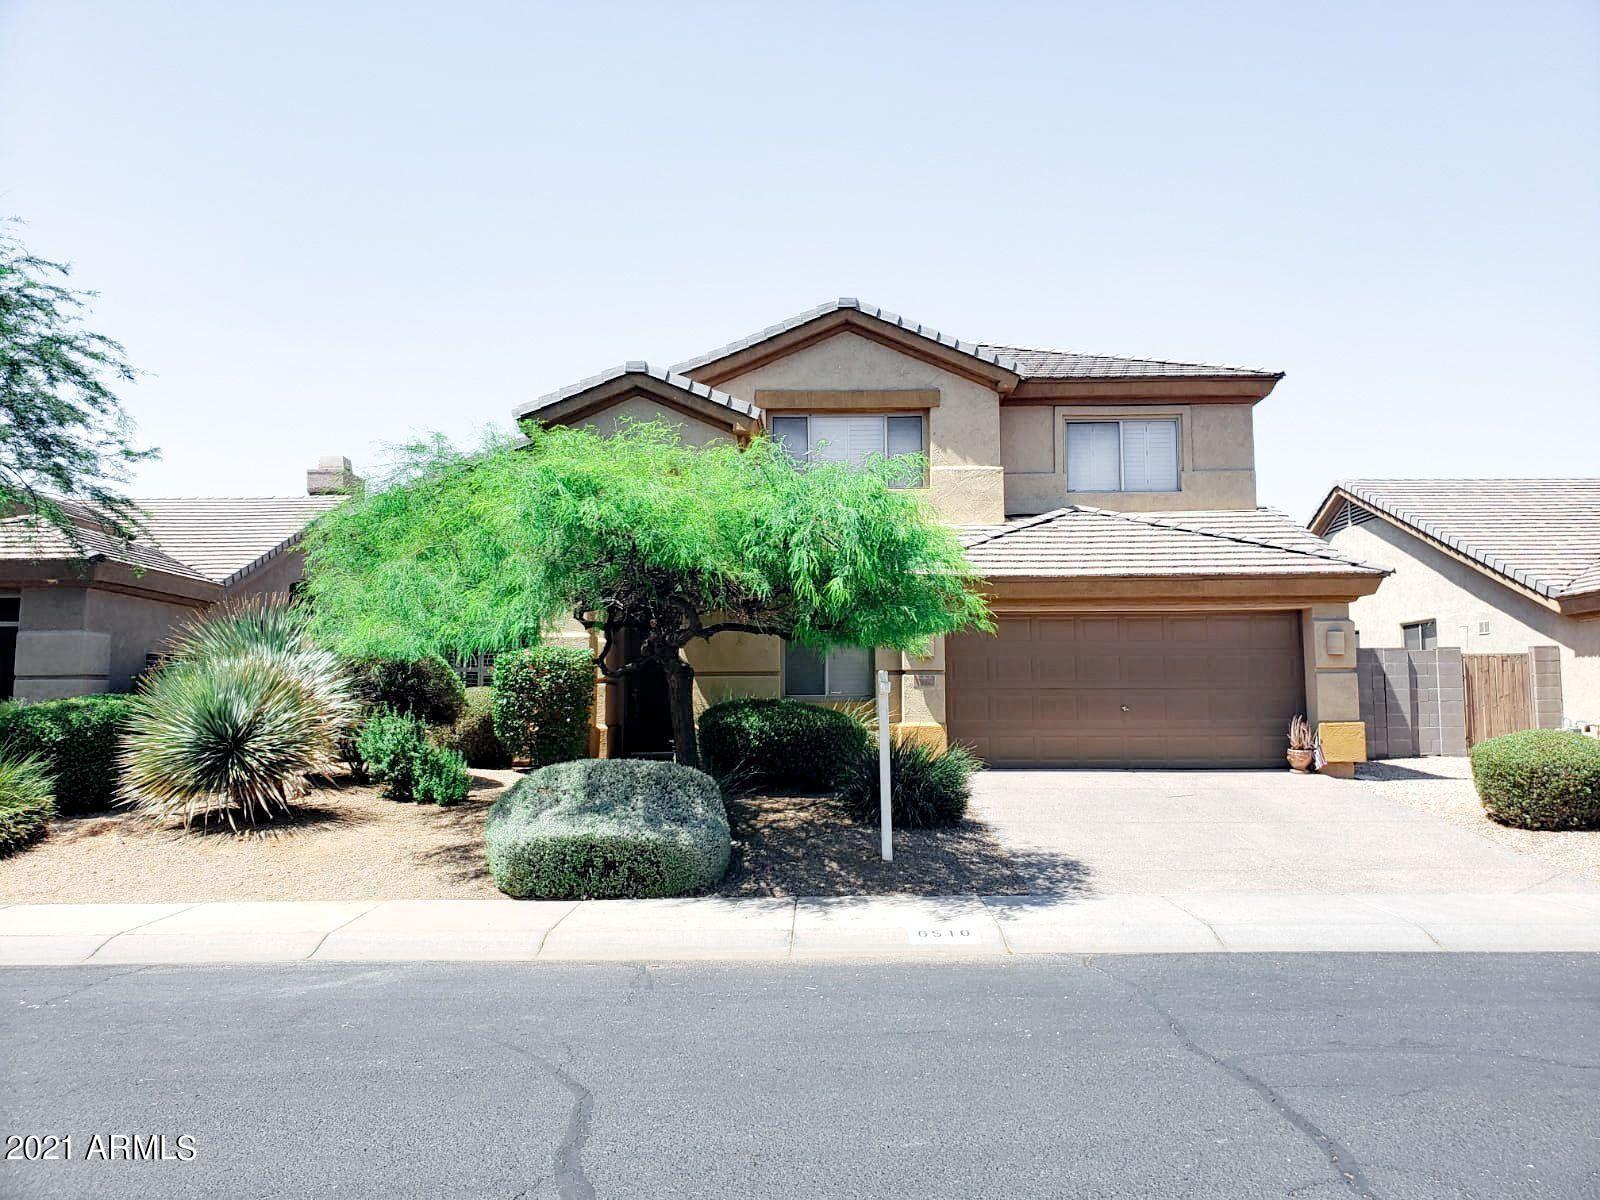 6510 E MARILYN Road, Scottsdale, AZ 85254 - MLS#: 6256456